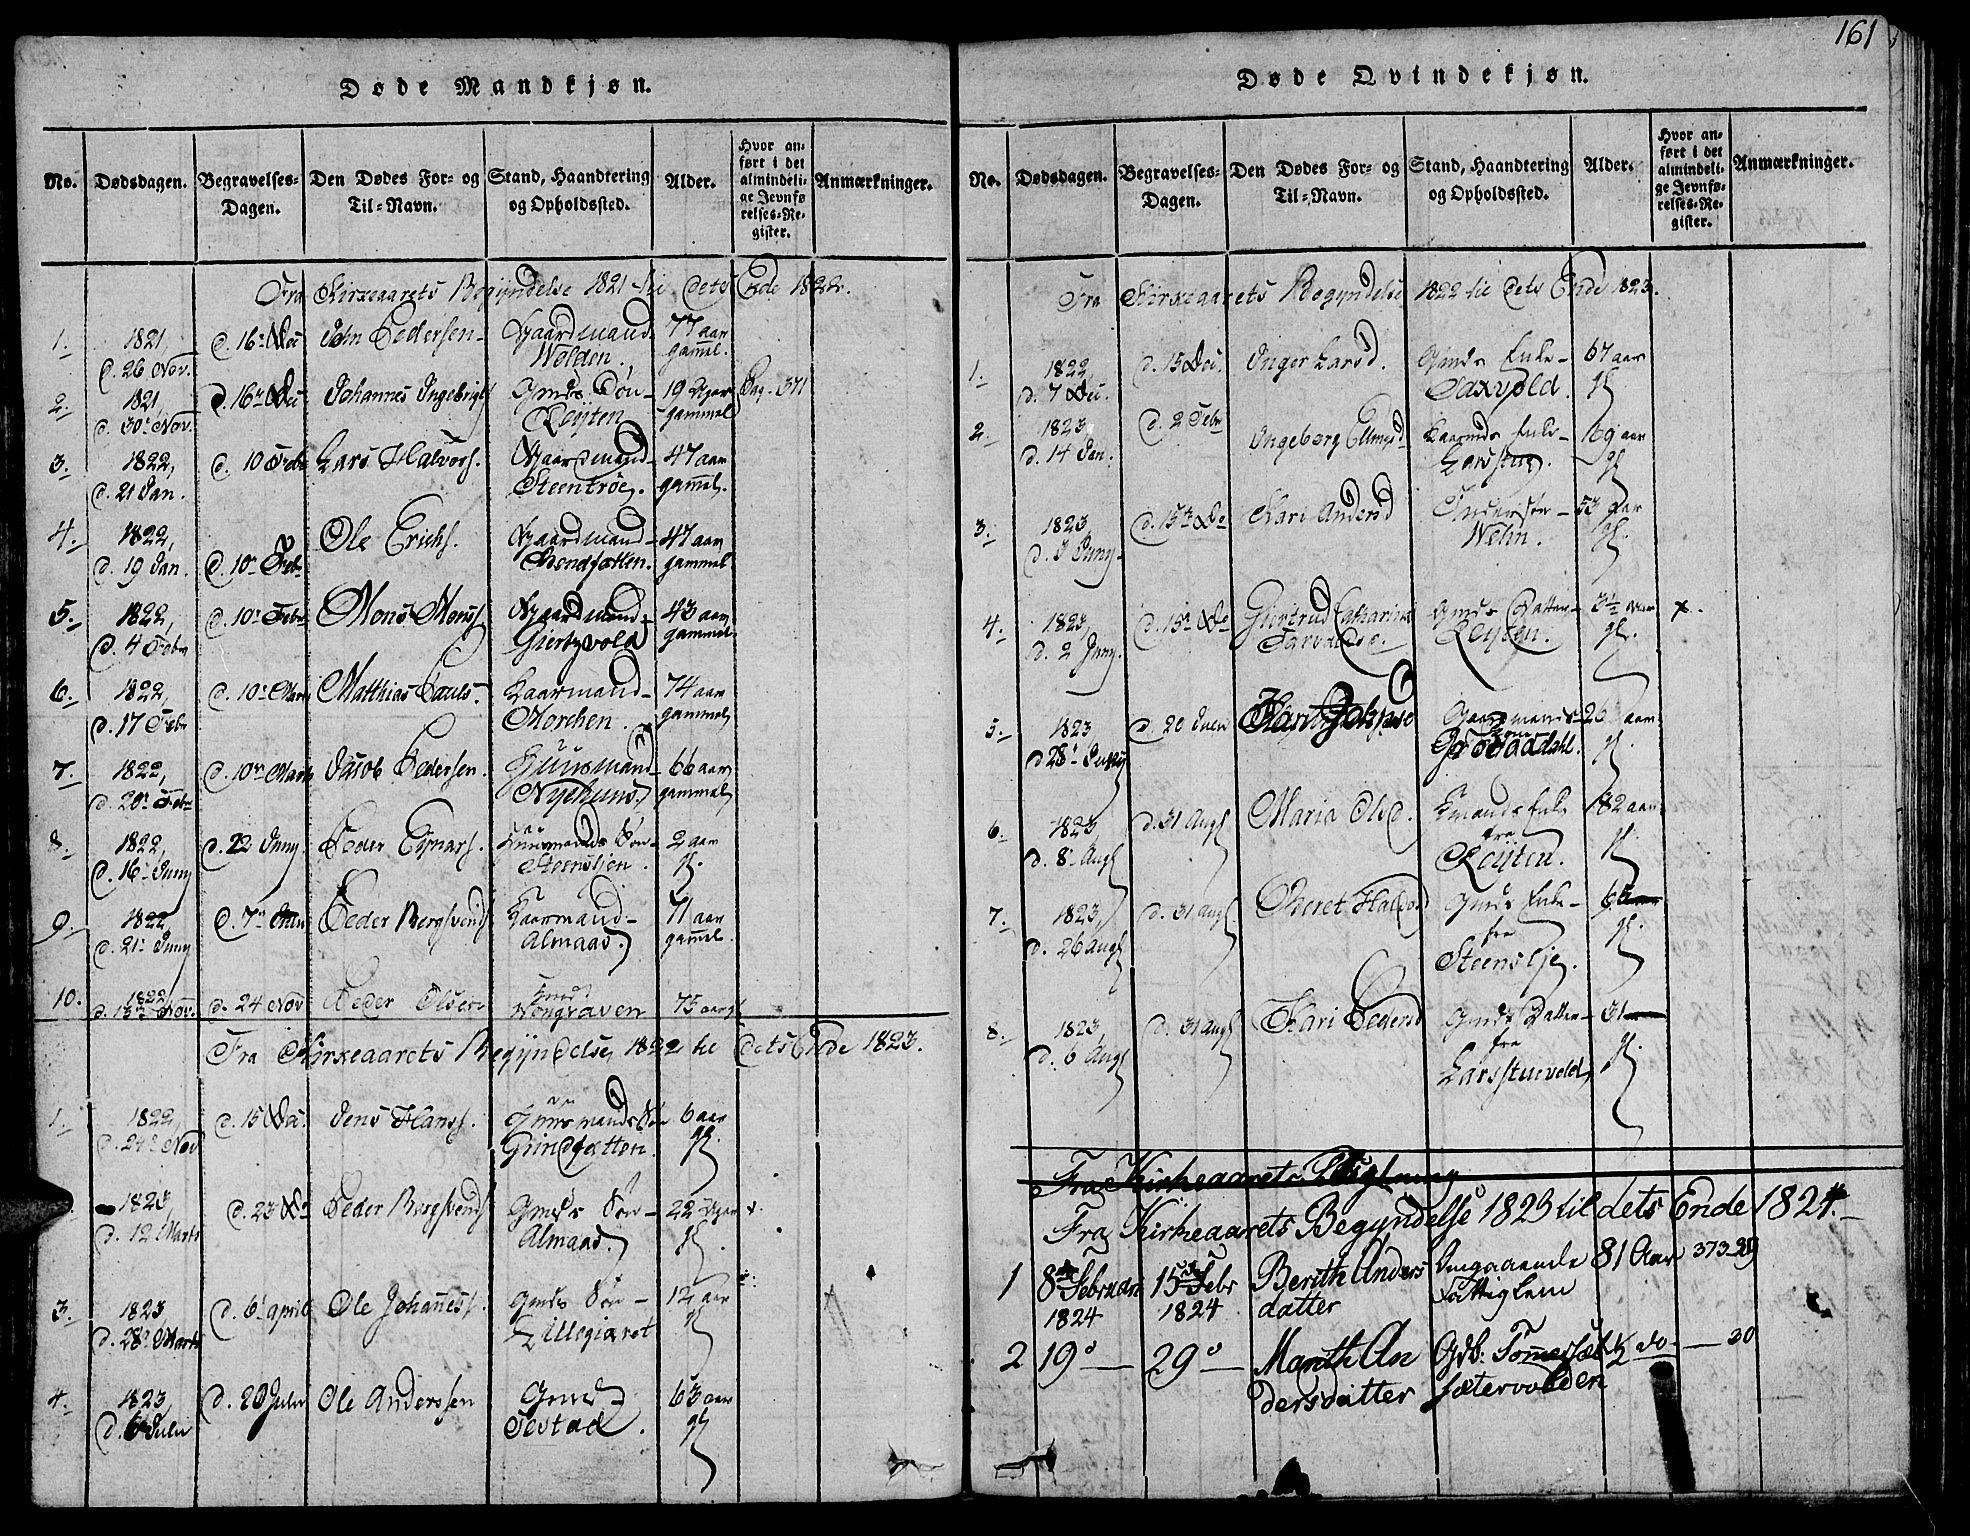 SAT, Ministerialprotokoller, klokkerbøker og fødselsregistre - Sør-Trøndelag, 685/L0956: Ministerialbok nr. 685A03 /3, 1817-1829, s. 161